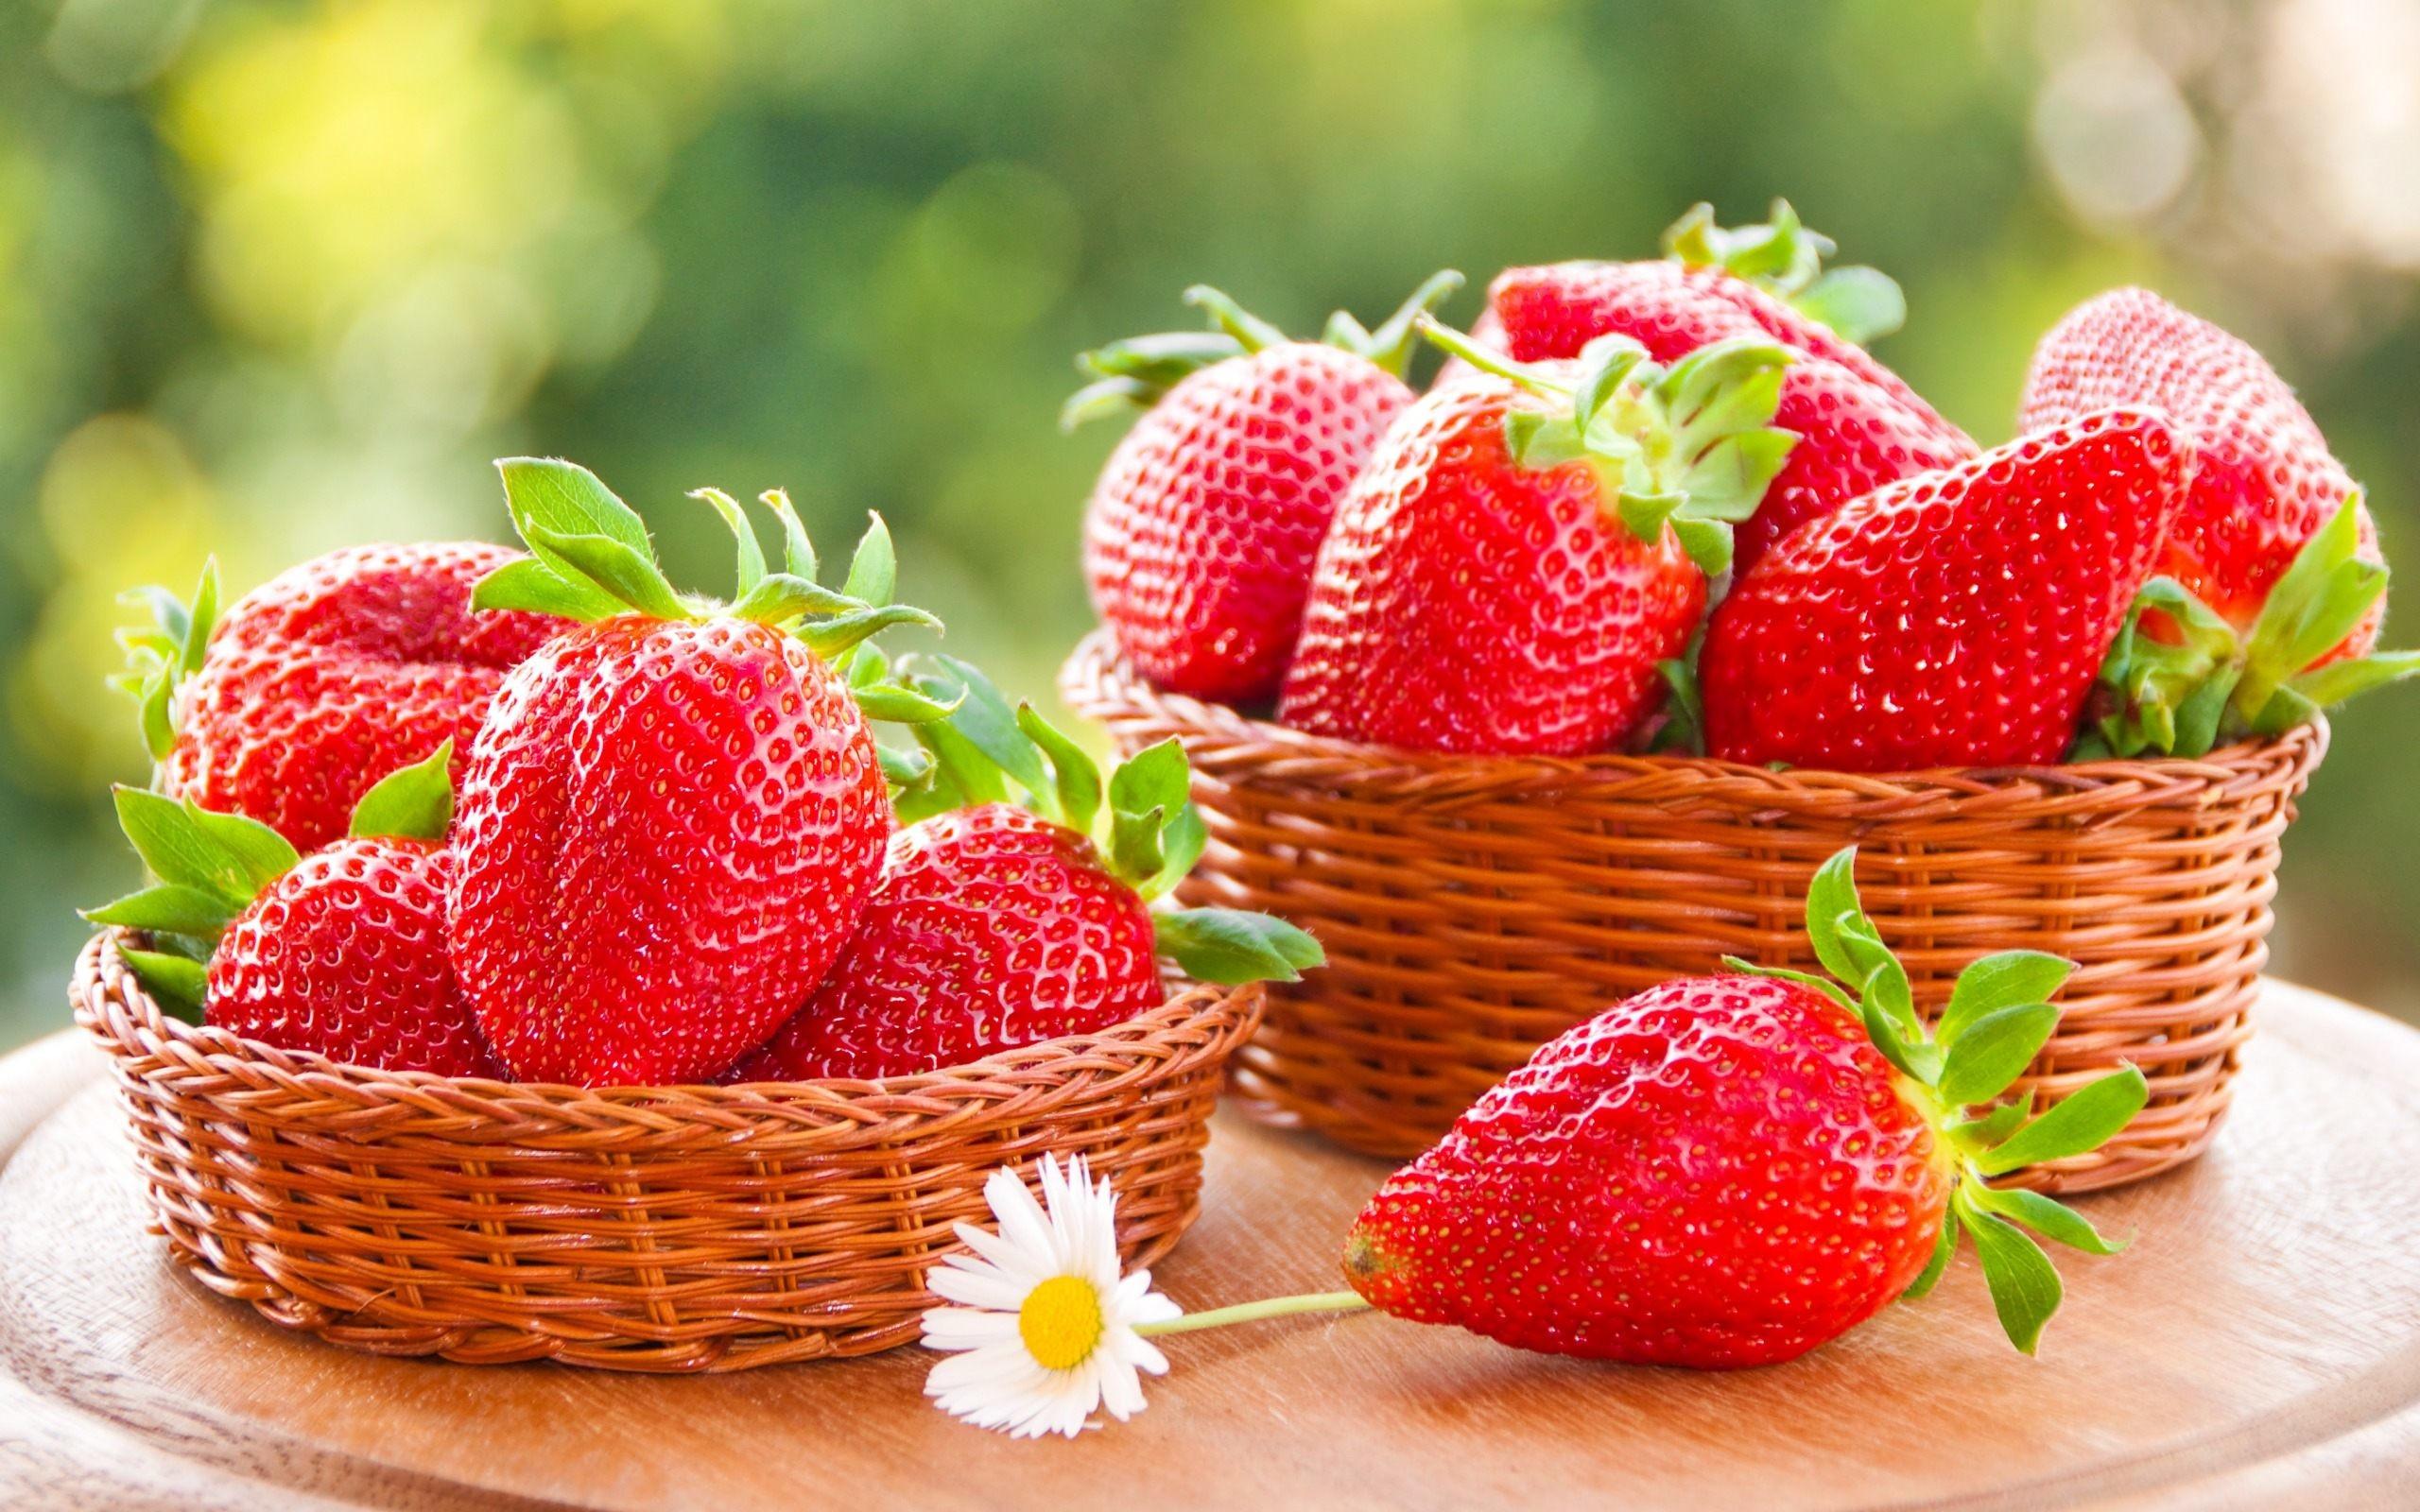 Fruit Basket Wallpaper 58 Images